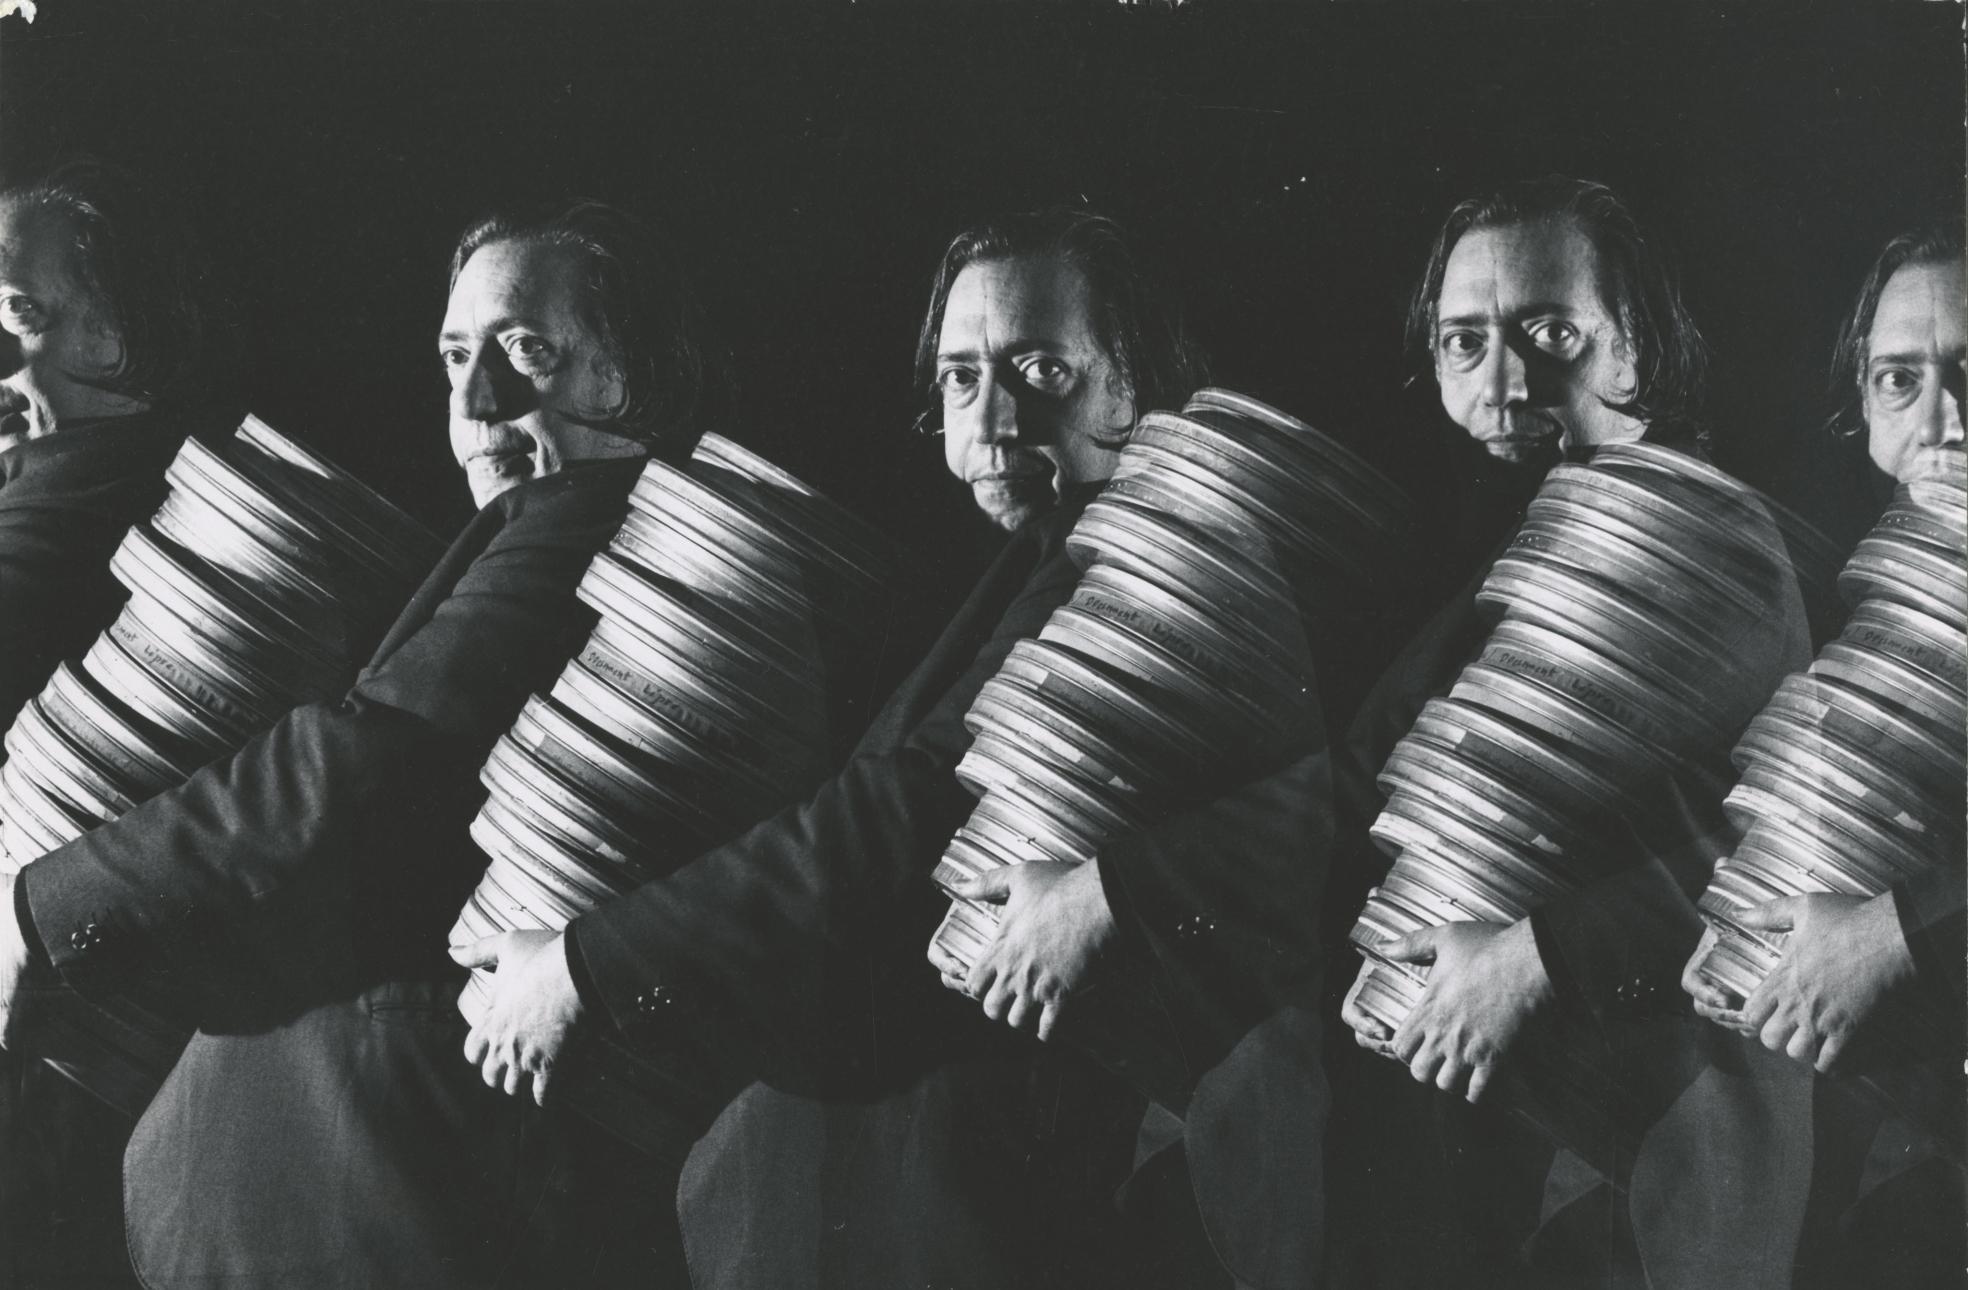 MEMORIAS DE UN CINÉFILO. ESCRITOS SOBRE CINE (1931-1977)